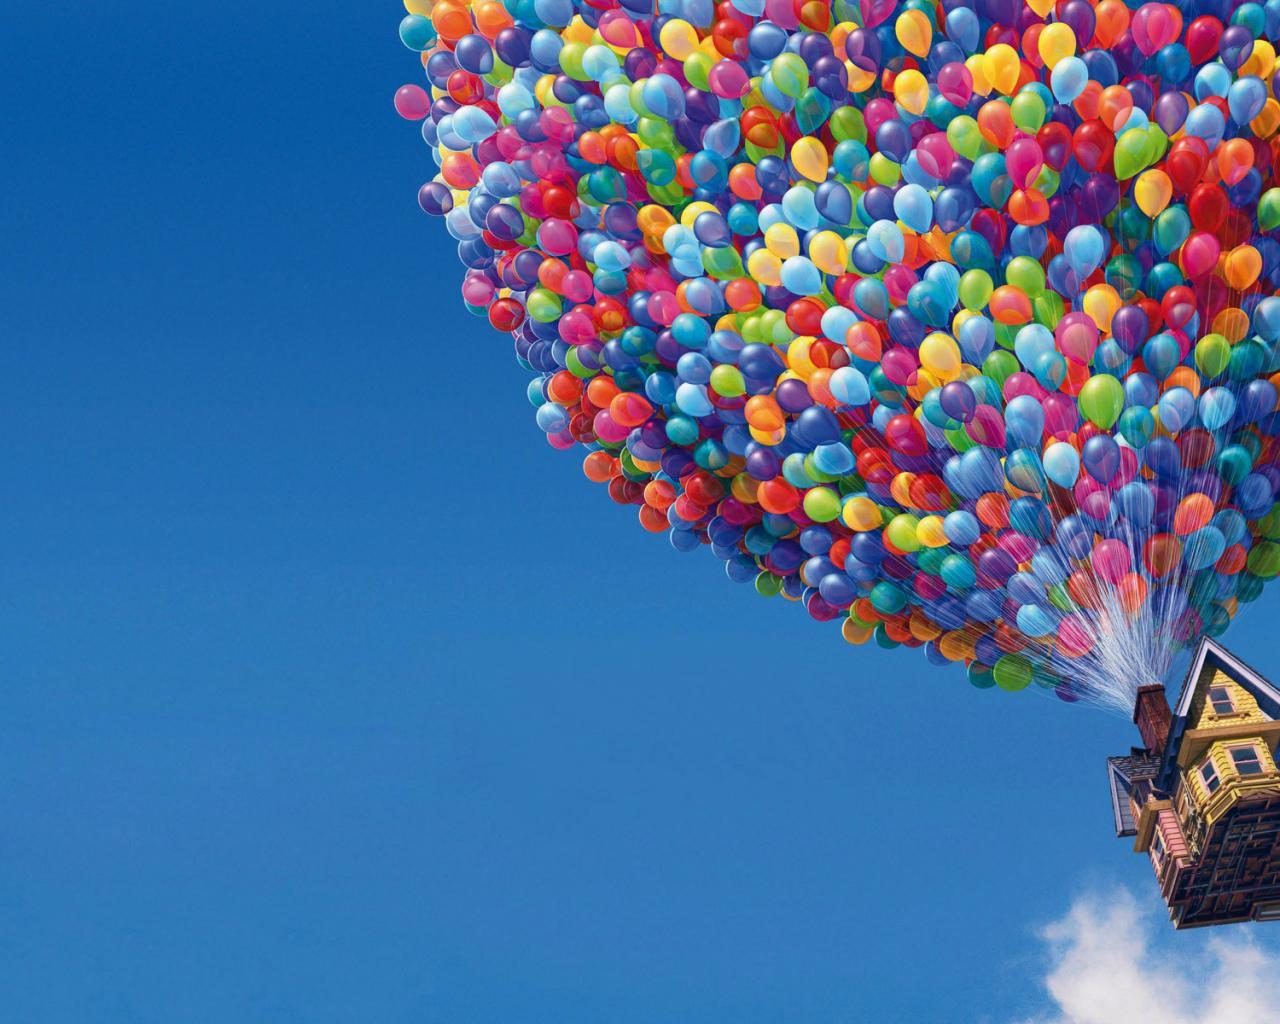 шары фото в небе